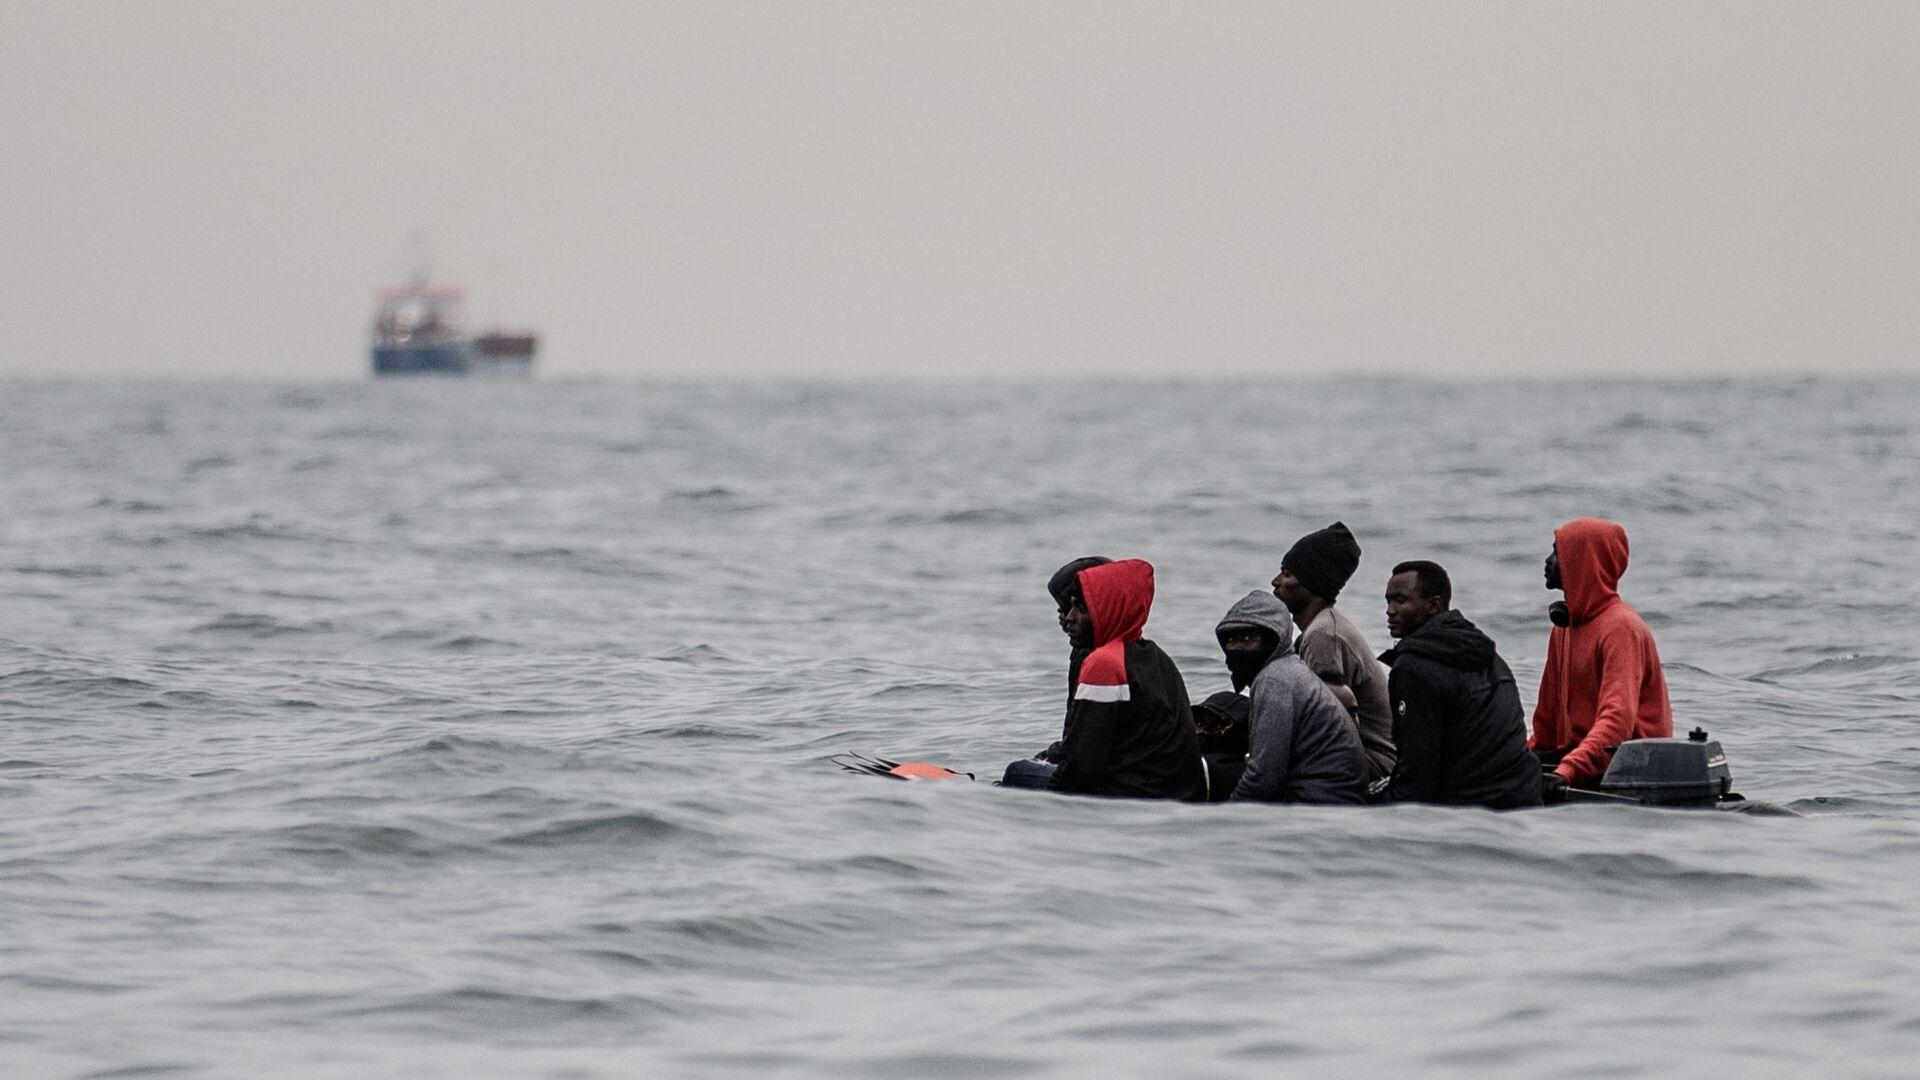 Migranti v lodi u pobřeží Francie - Sputnik Česká republika, 1920, 24.08.2021